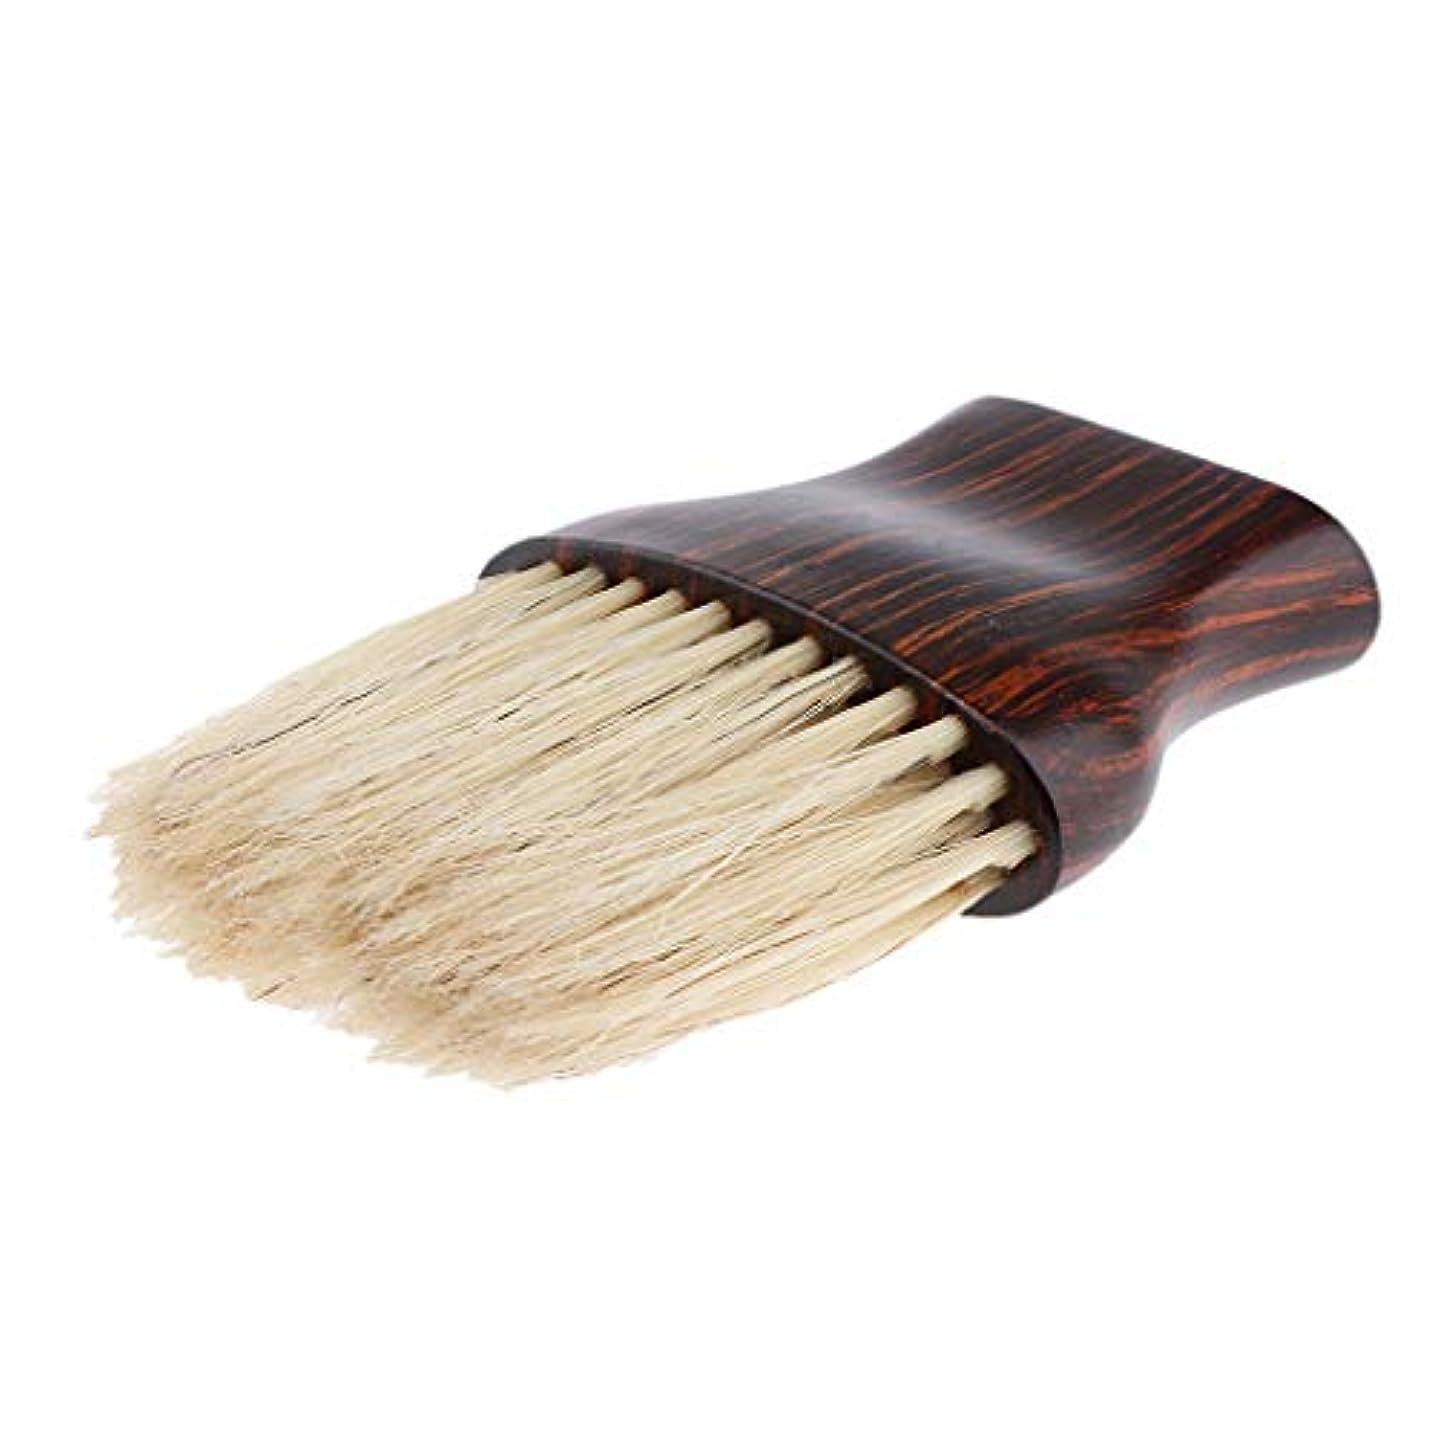 毛細血管発送気候の山ヘアカットブラシ ネックダスタークリーニング ヘアブラシ 理髪師理髪ツール